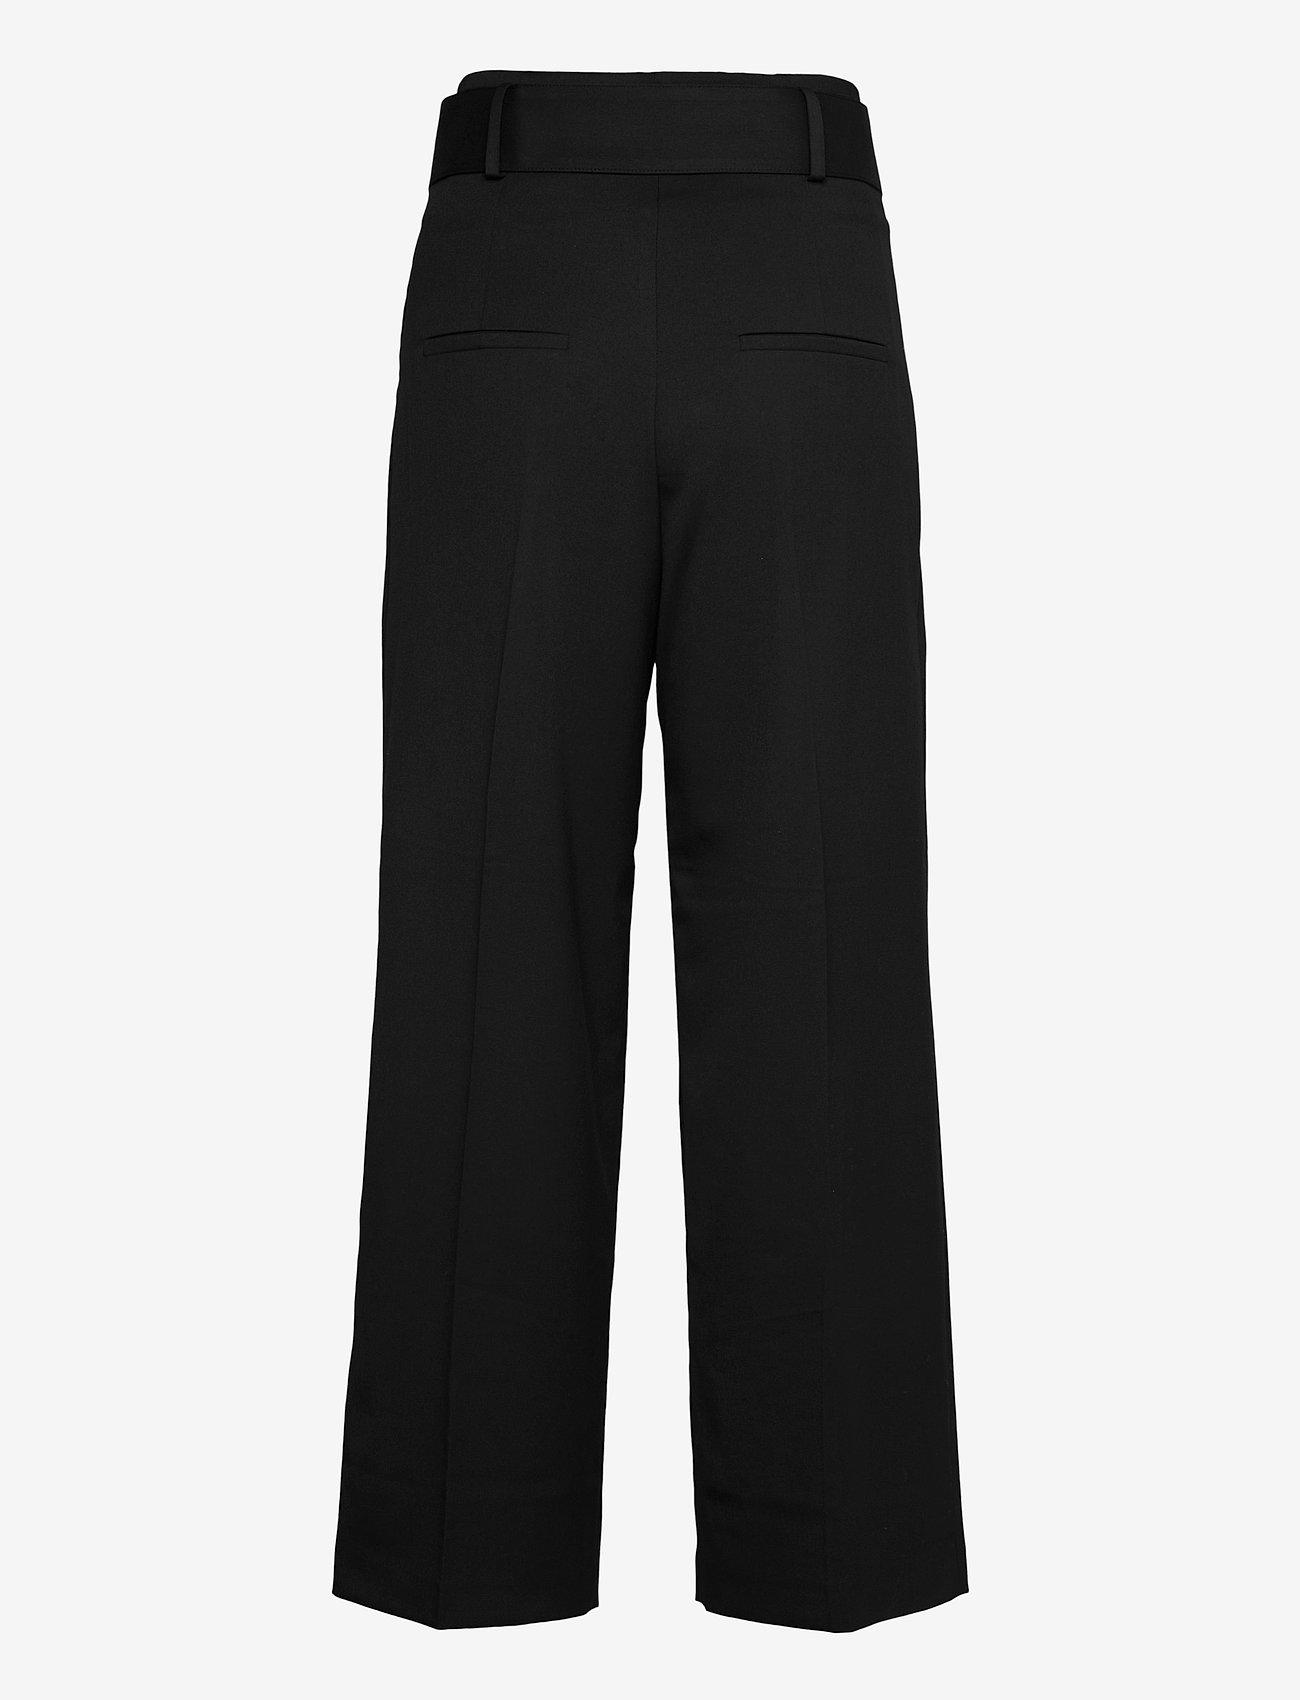 HUGO - Hugesa - bukser med brede ben - black - 1